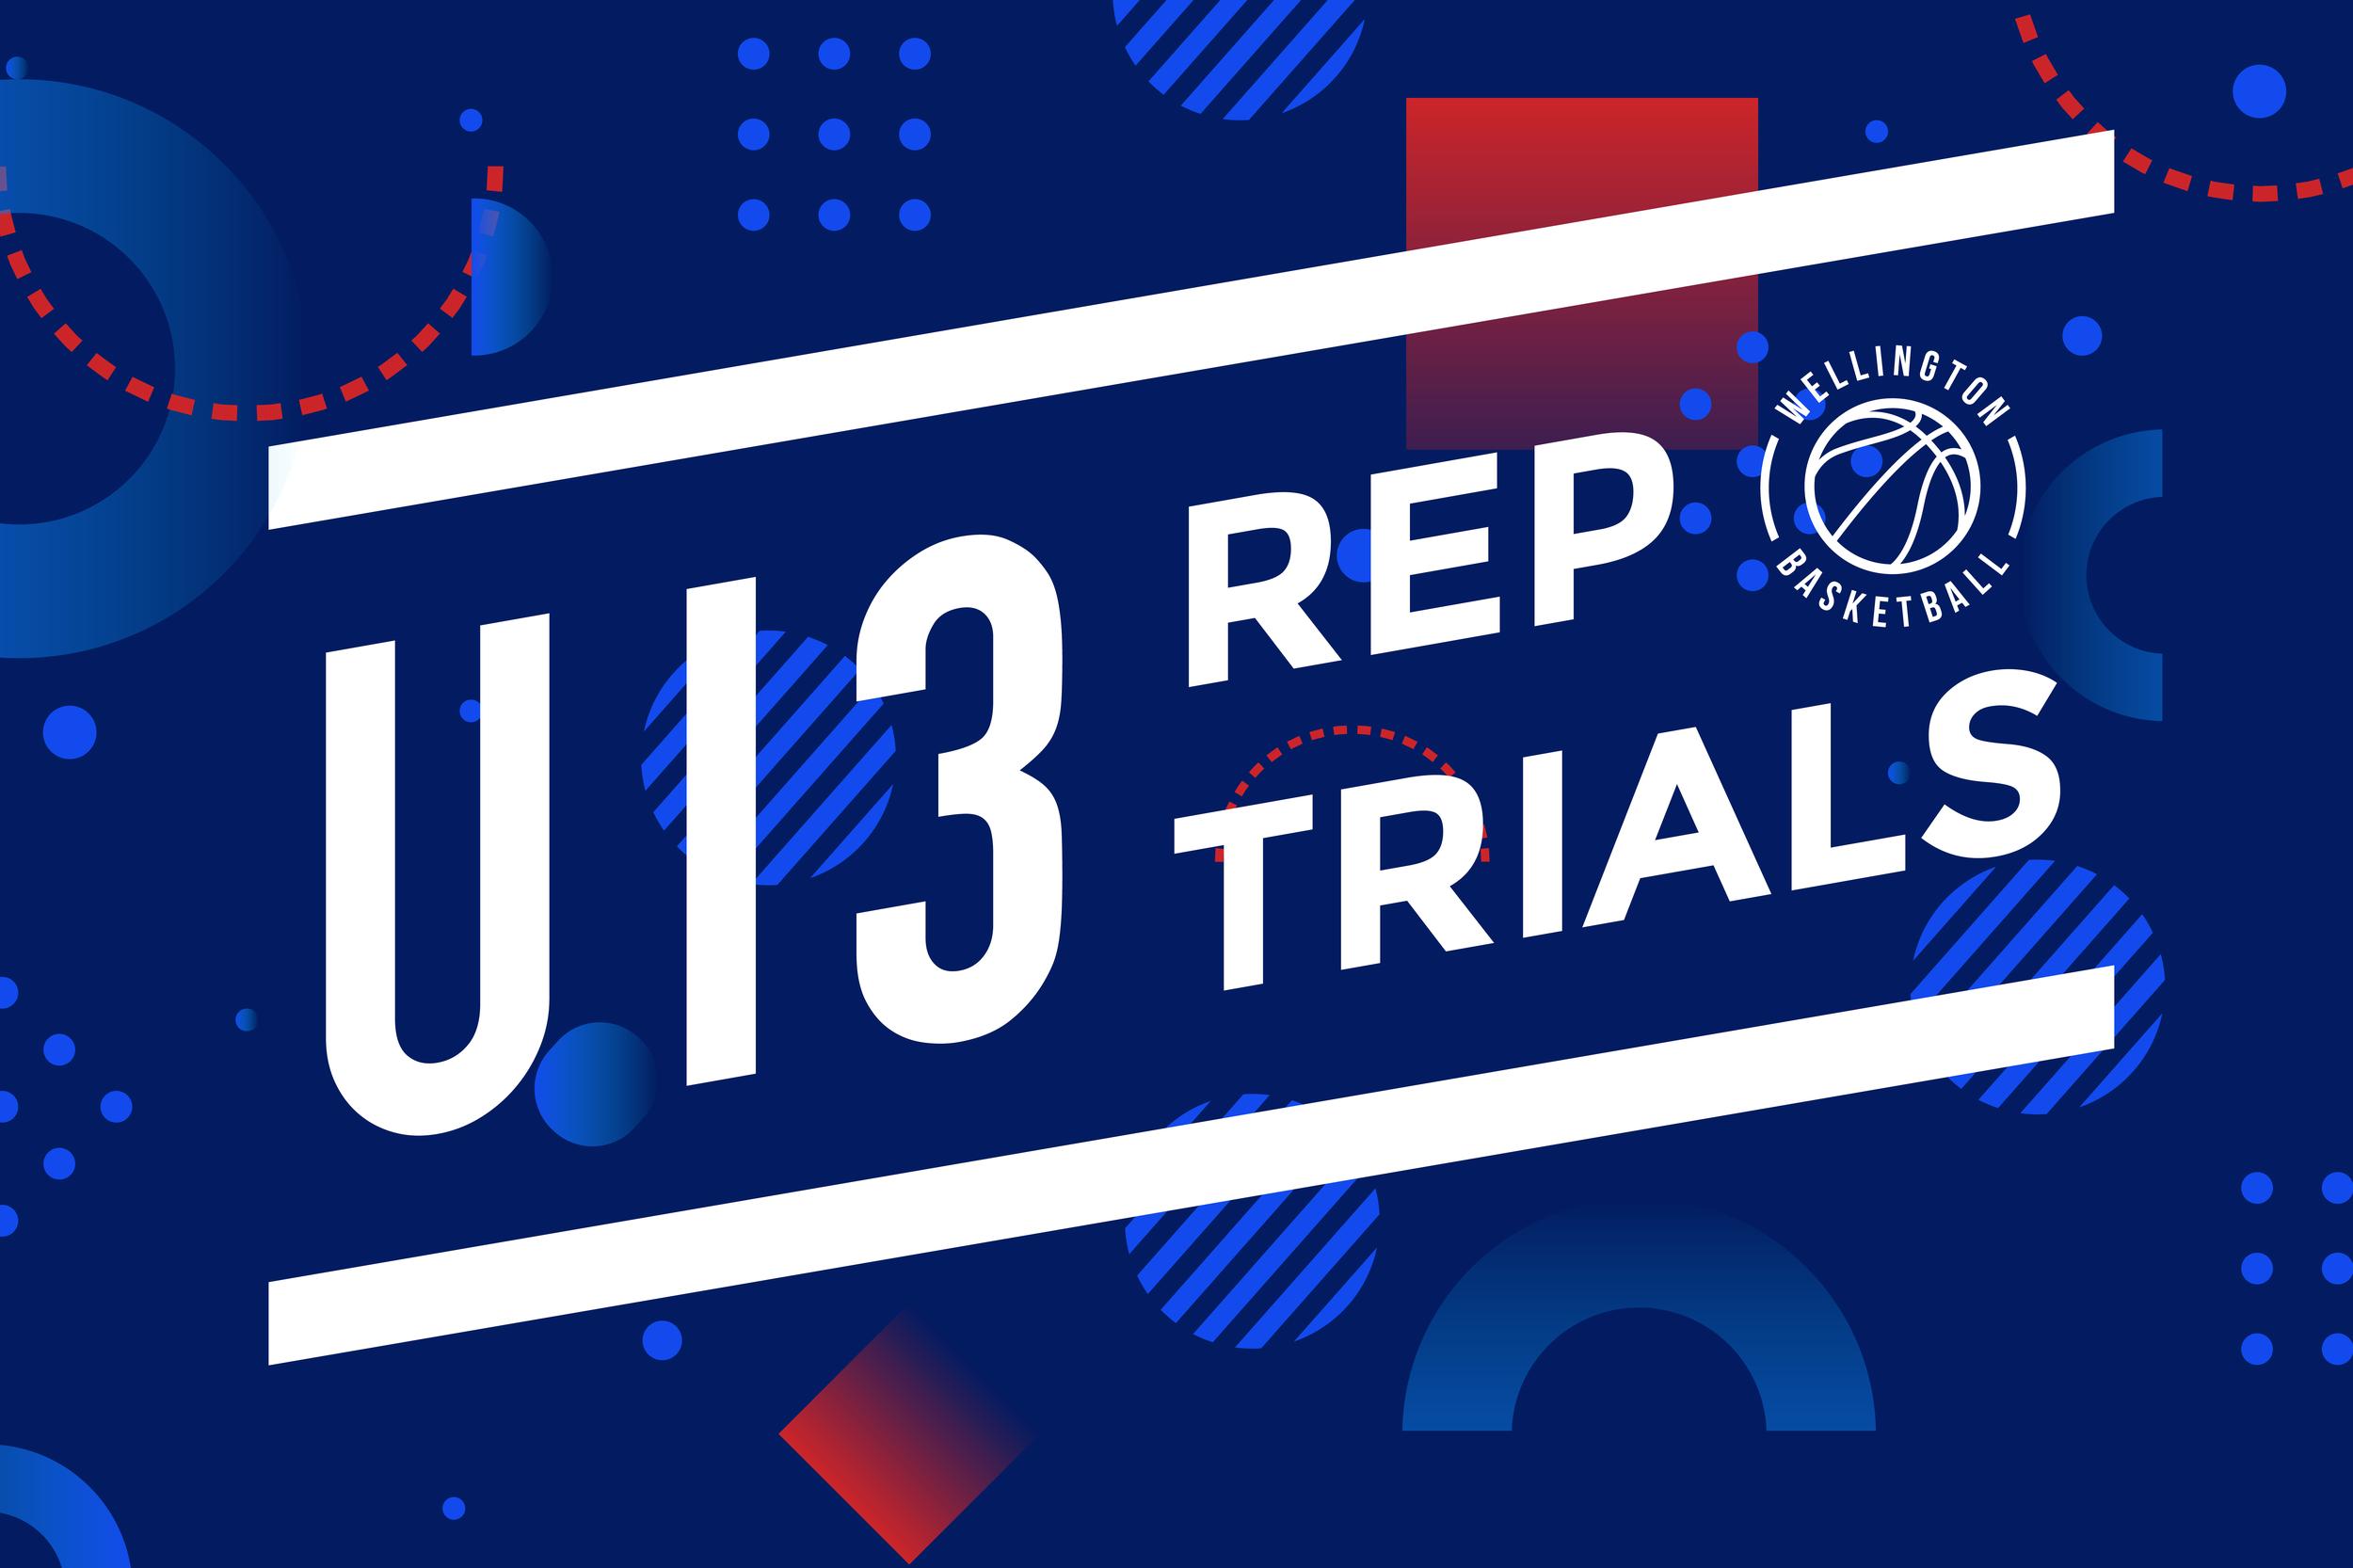 Wellington U13 Rep Trials